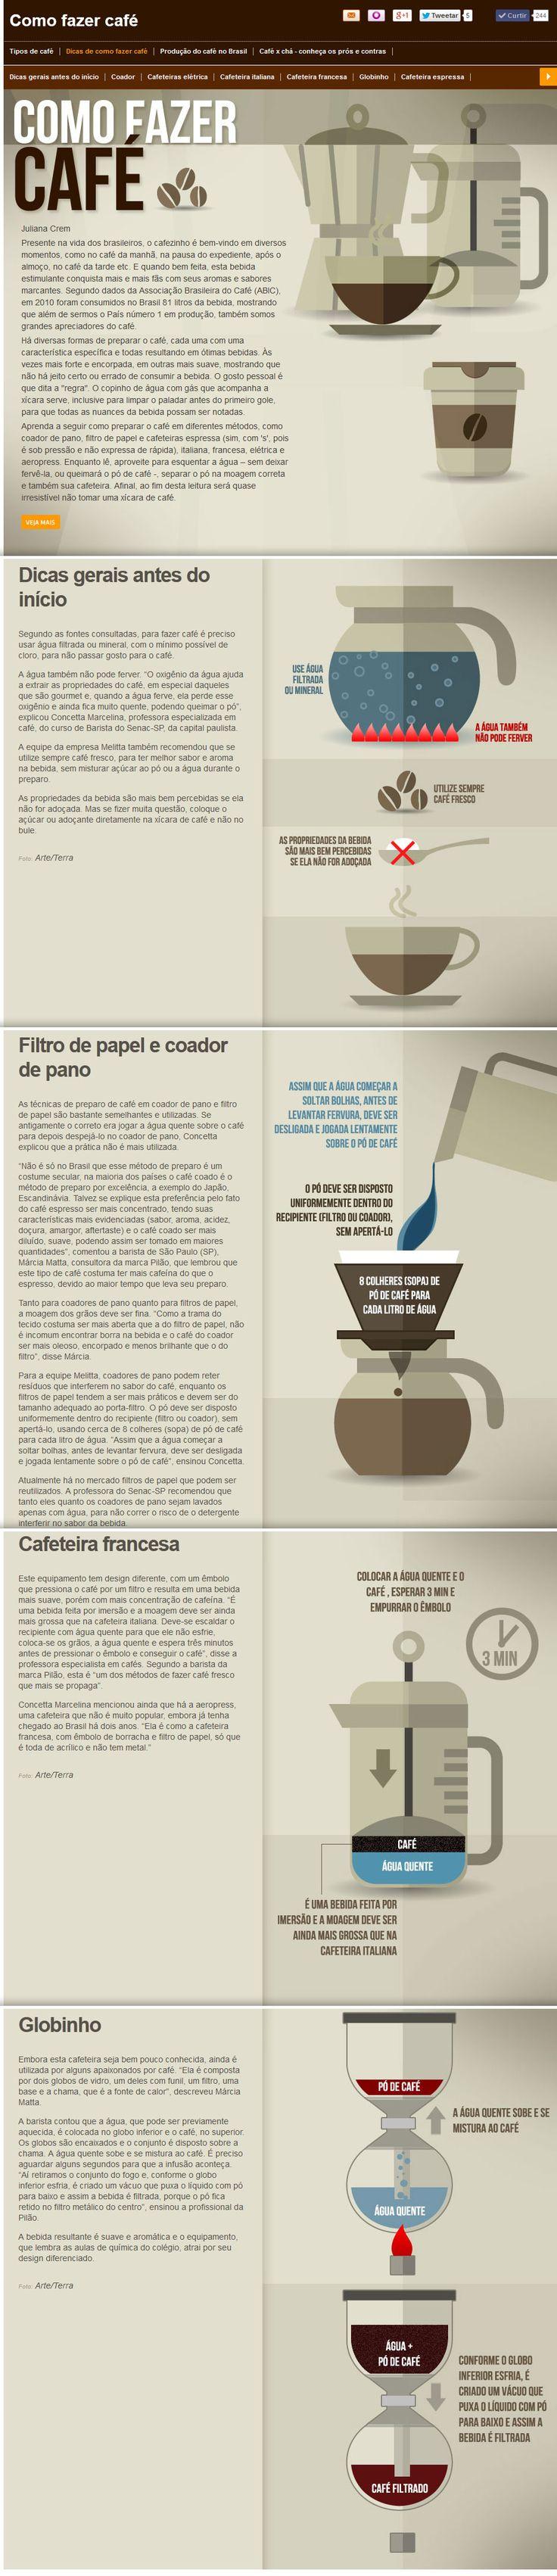 café coffe capucino